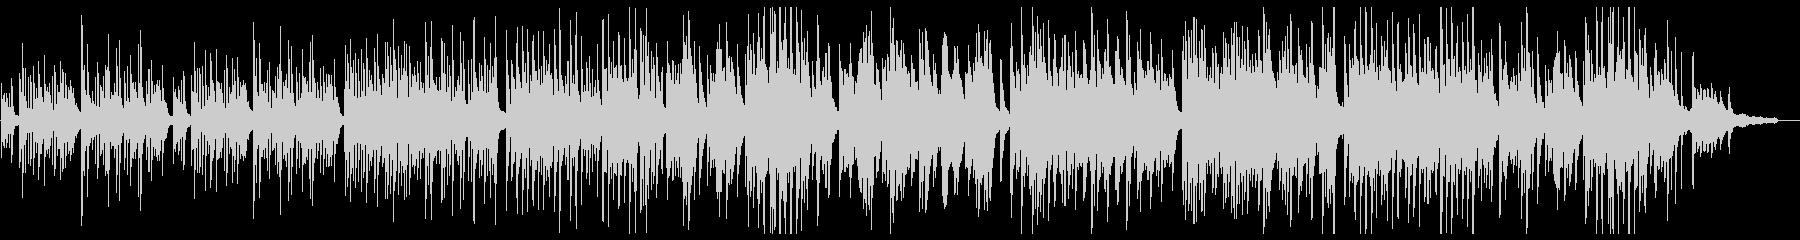 優しく美しいピアノポップスの未再生の波形